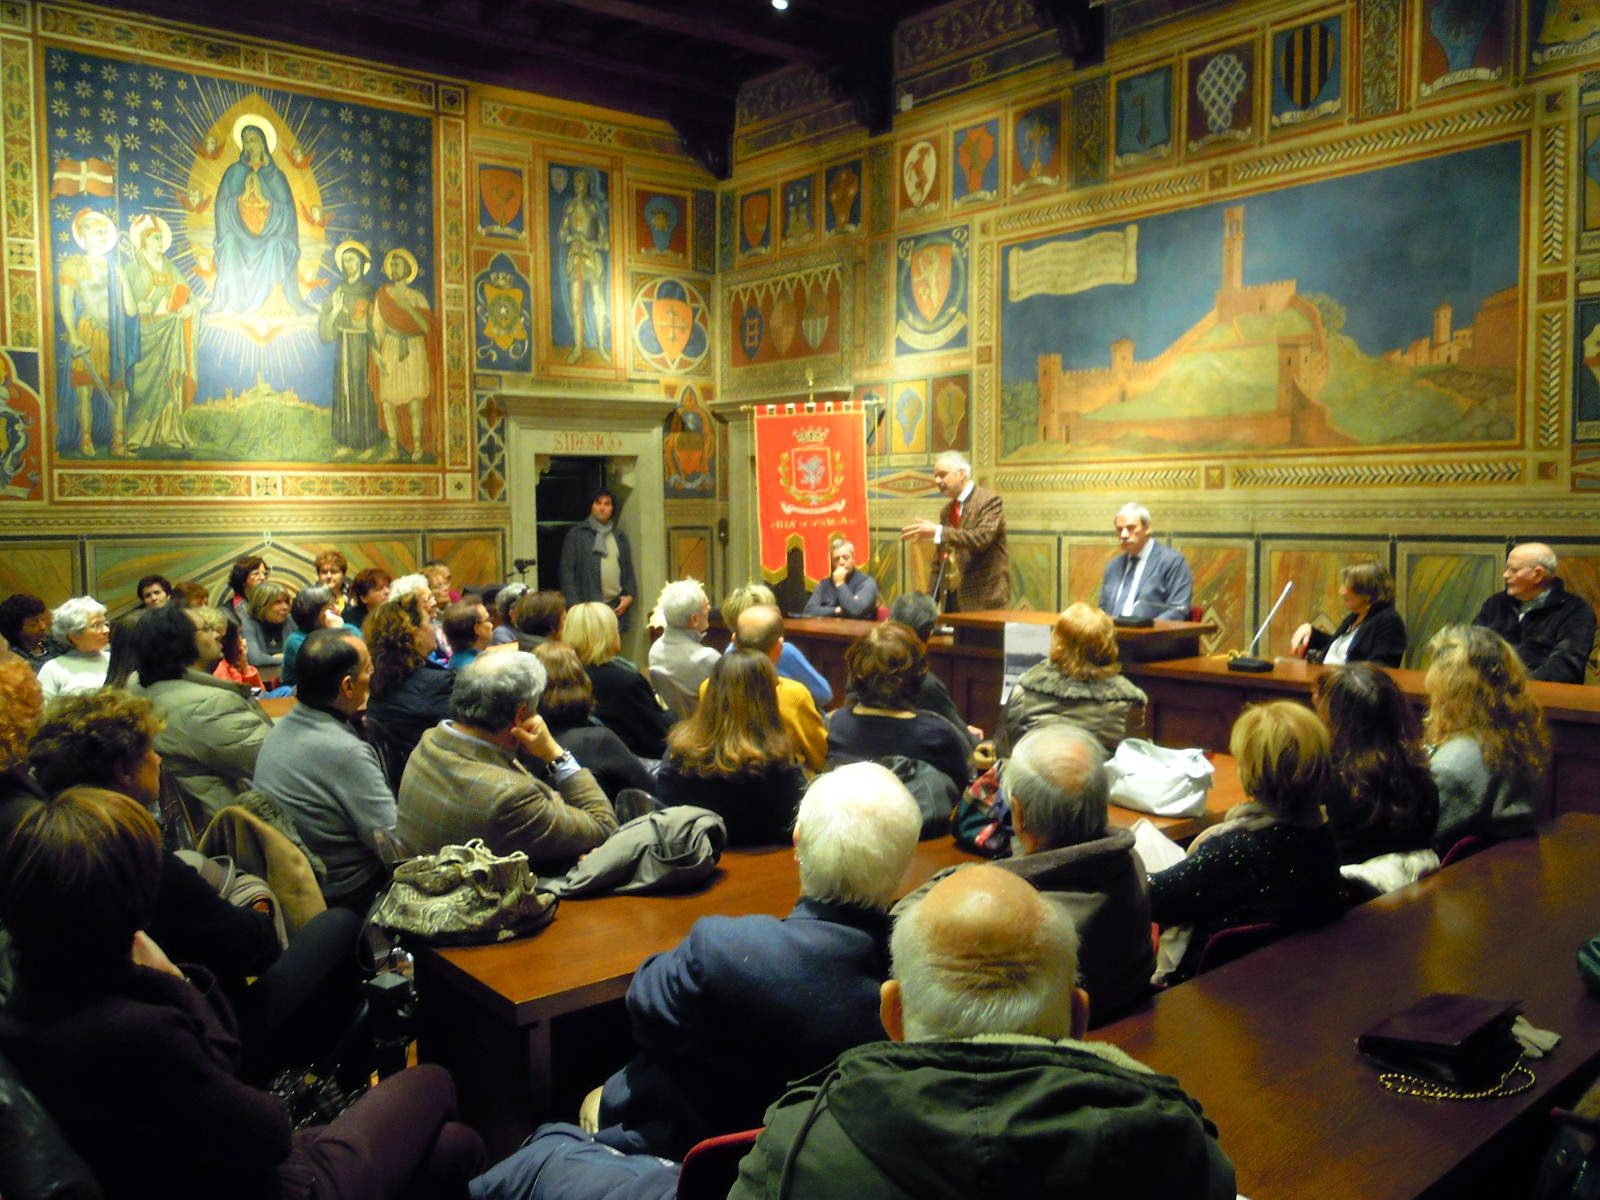 San Miniato, Il Sindaco Annuncia: Il 25 Aprile 2015 Via Le Lapidi Della Discordia